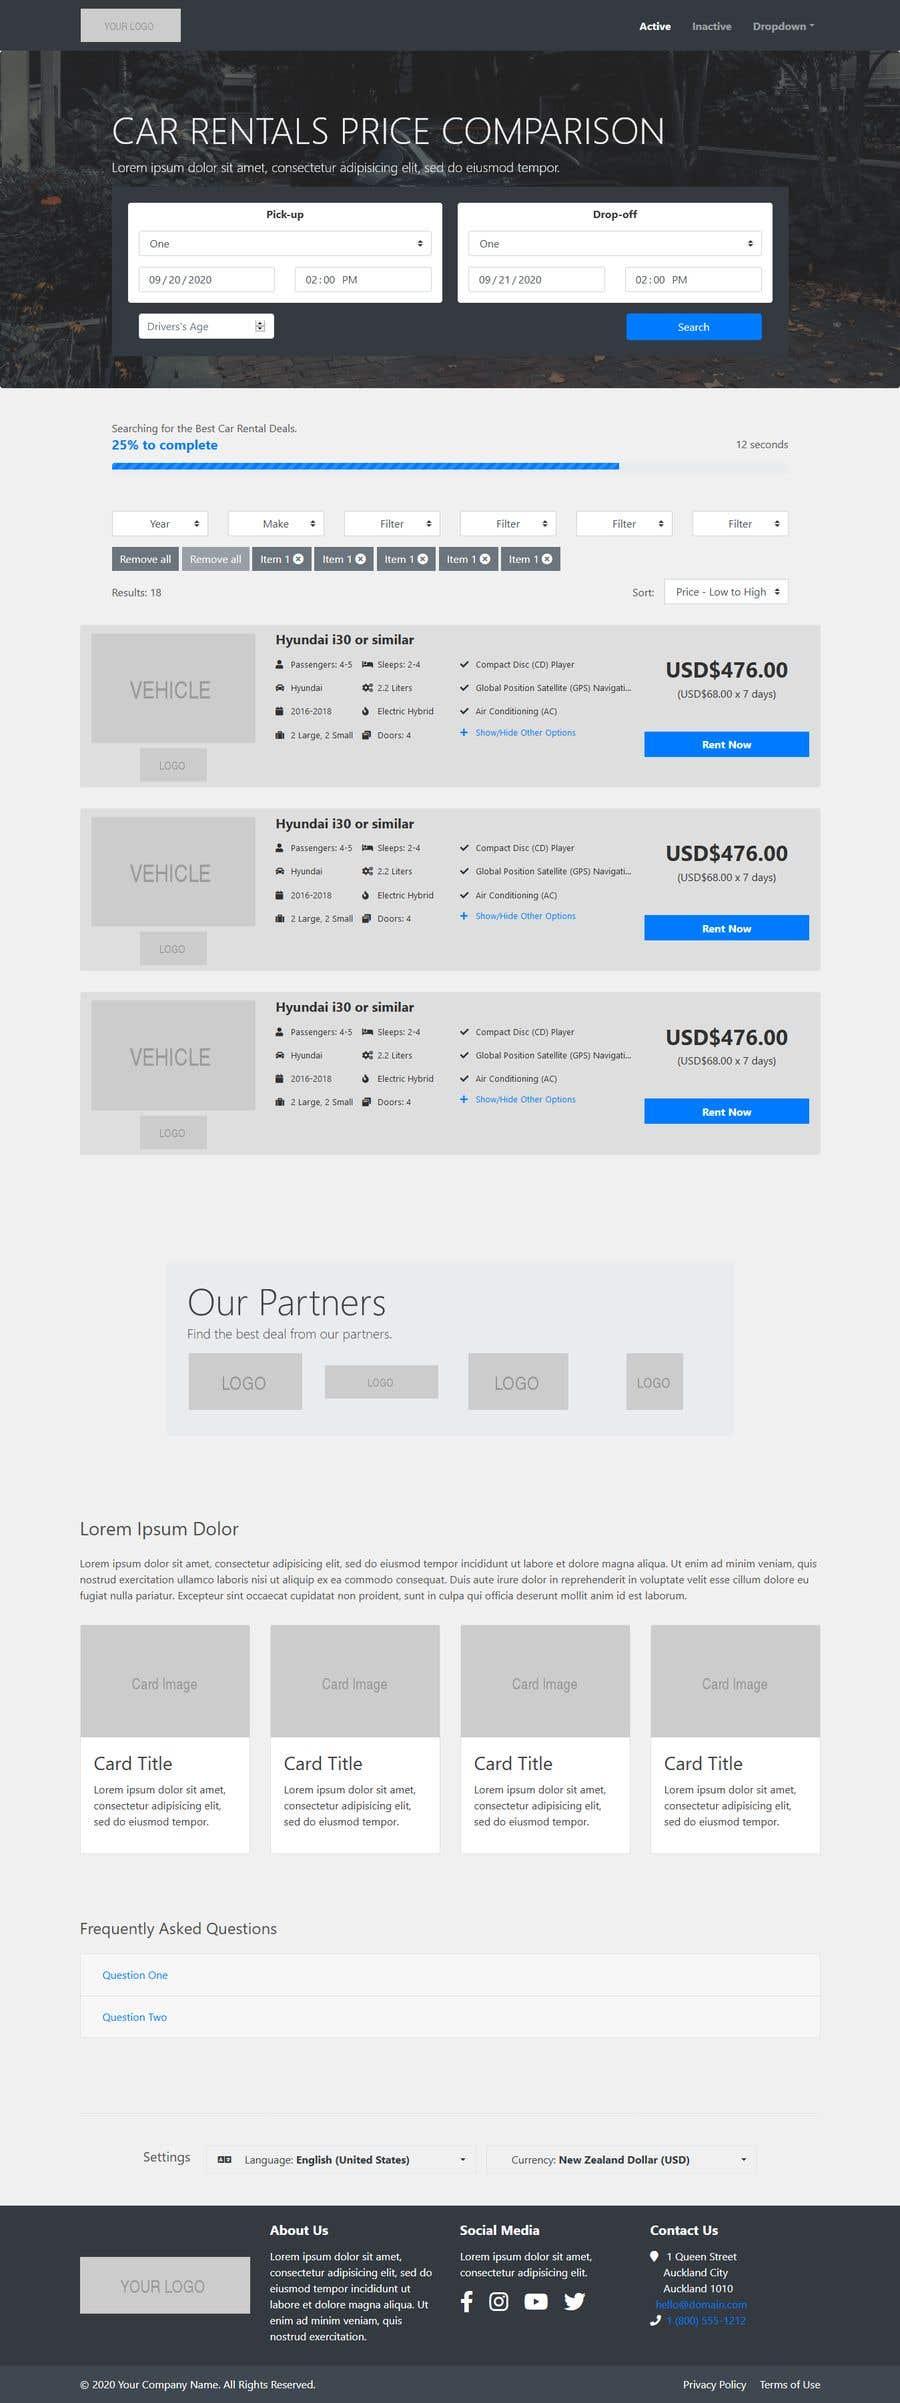 Bài tham dự cuộc thi #                                        36                                      cho                                         Front End Developer - 100% CSS Web Design